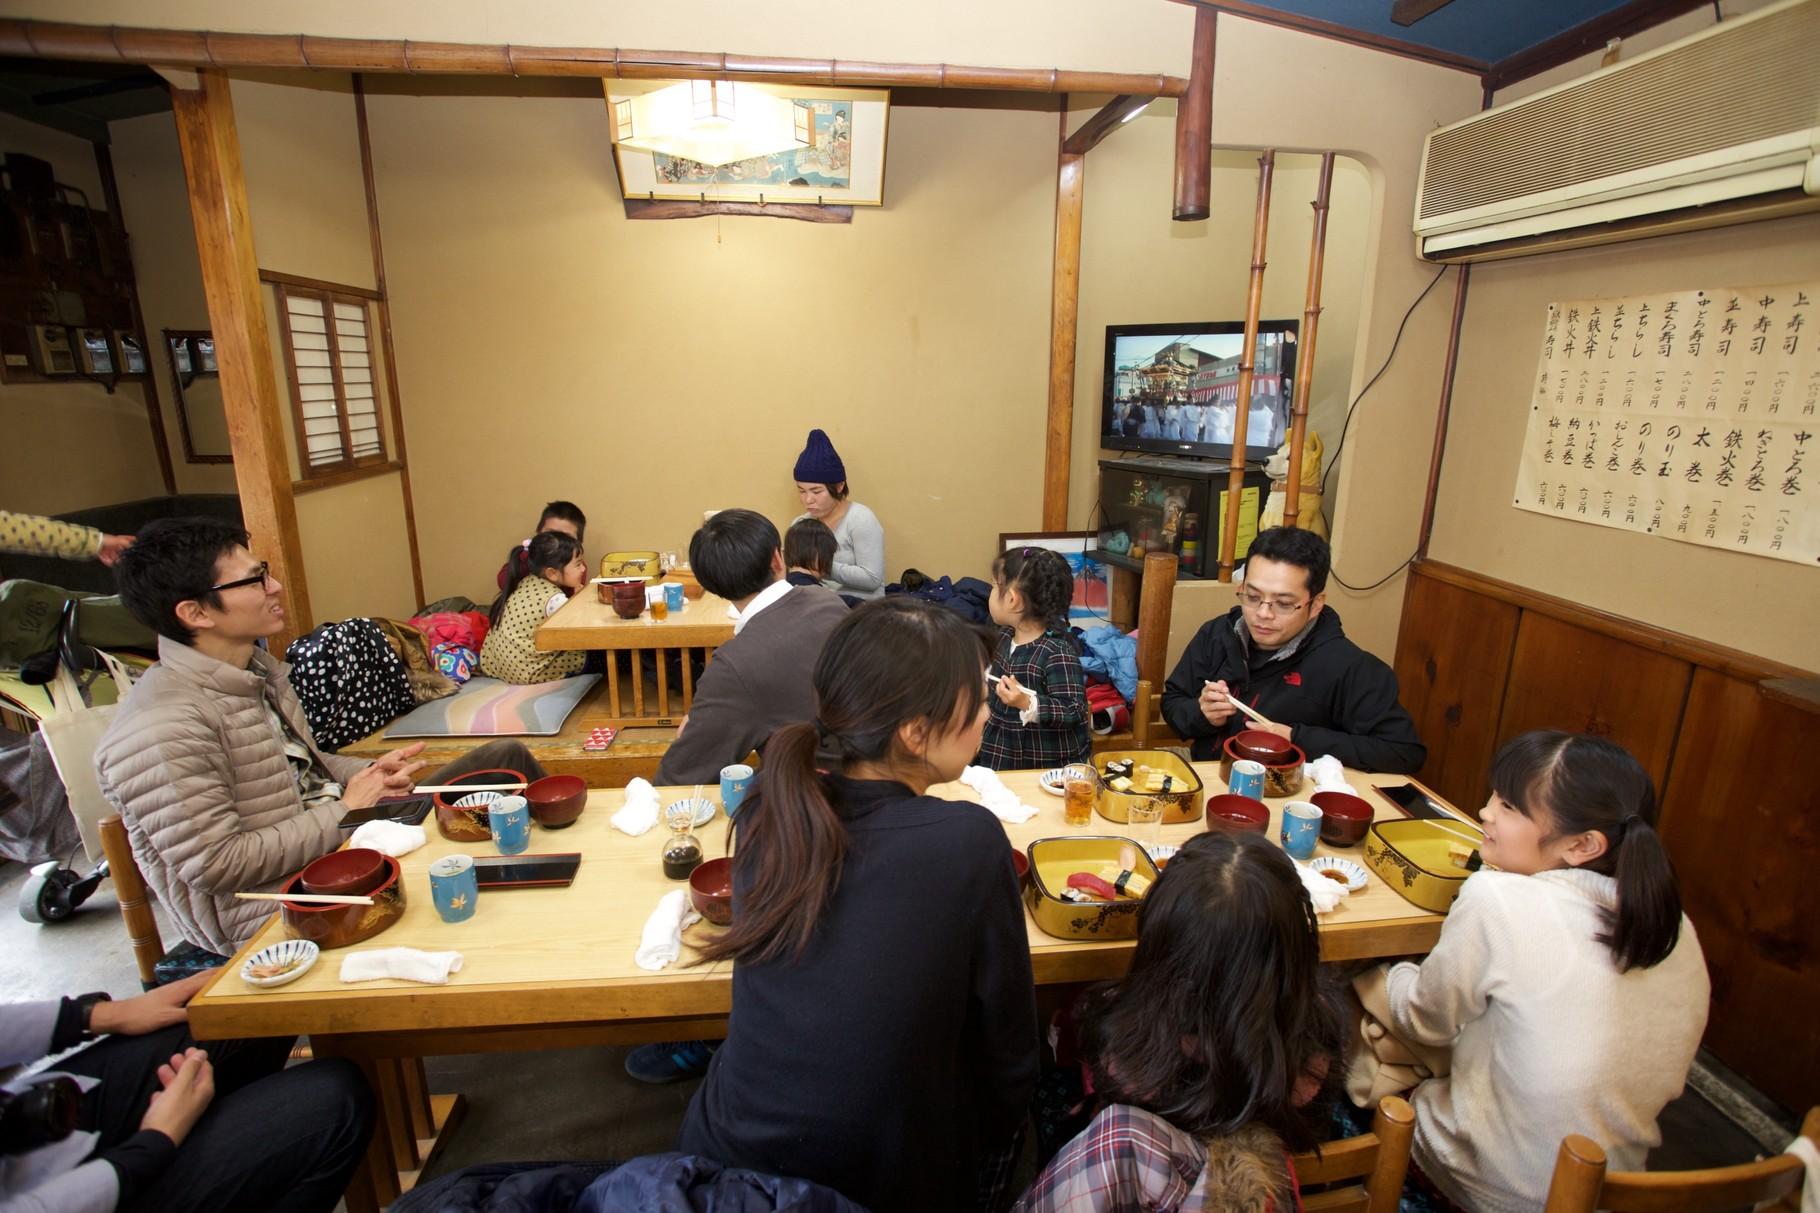 大人はちらし寿司、子どもは握りとのり巻きです 美味しい!